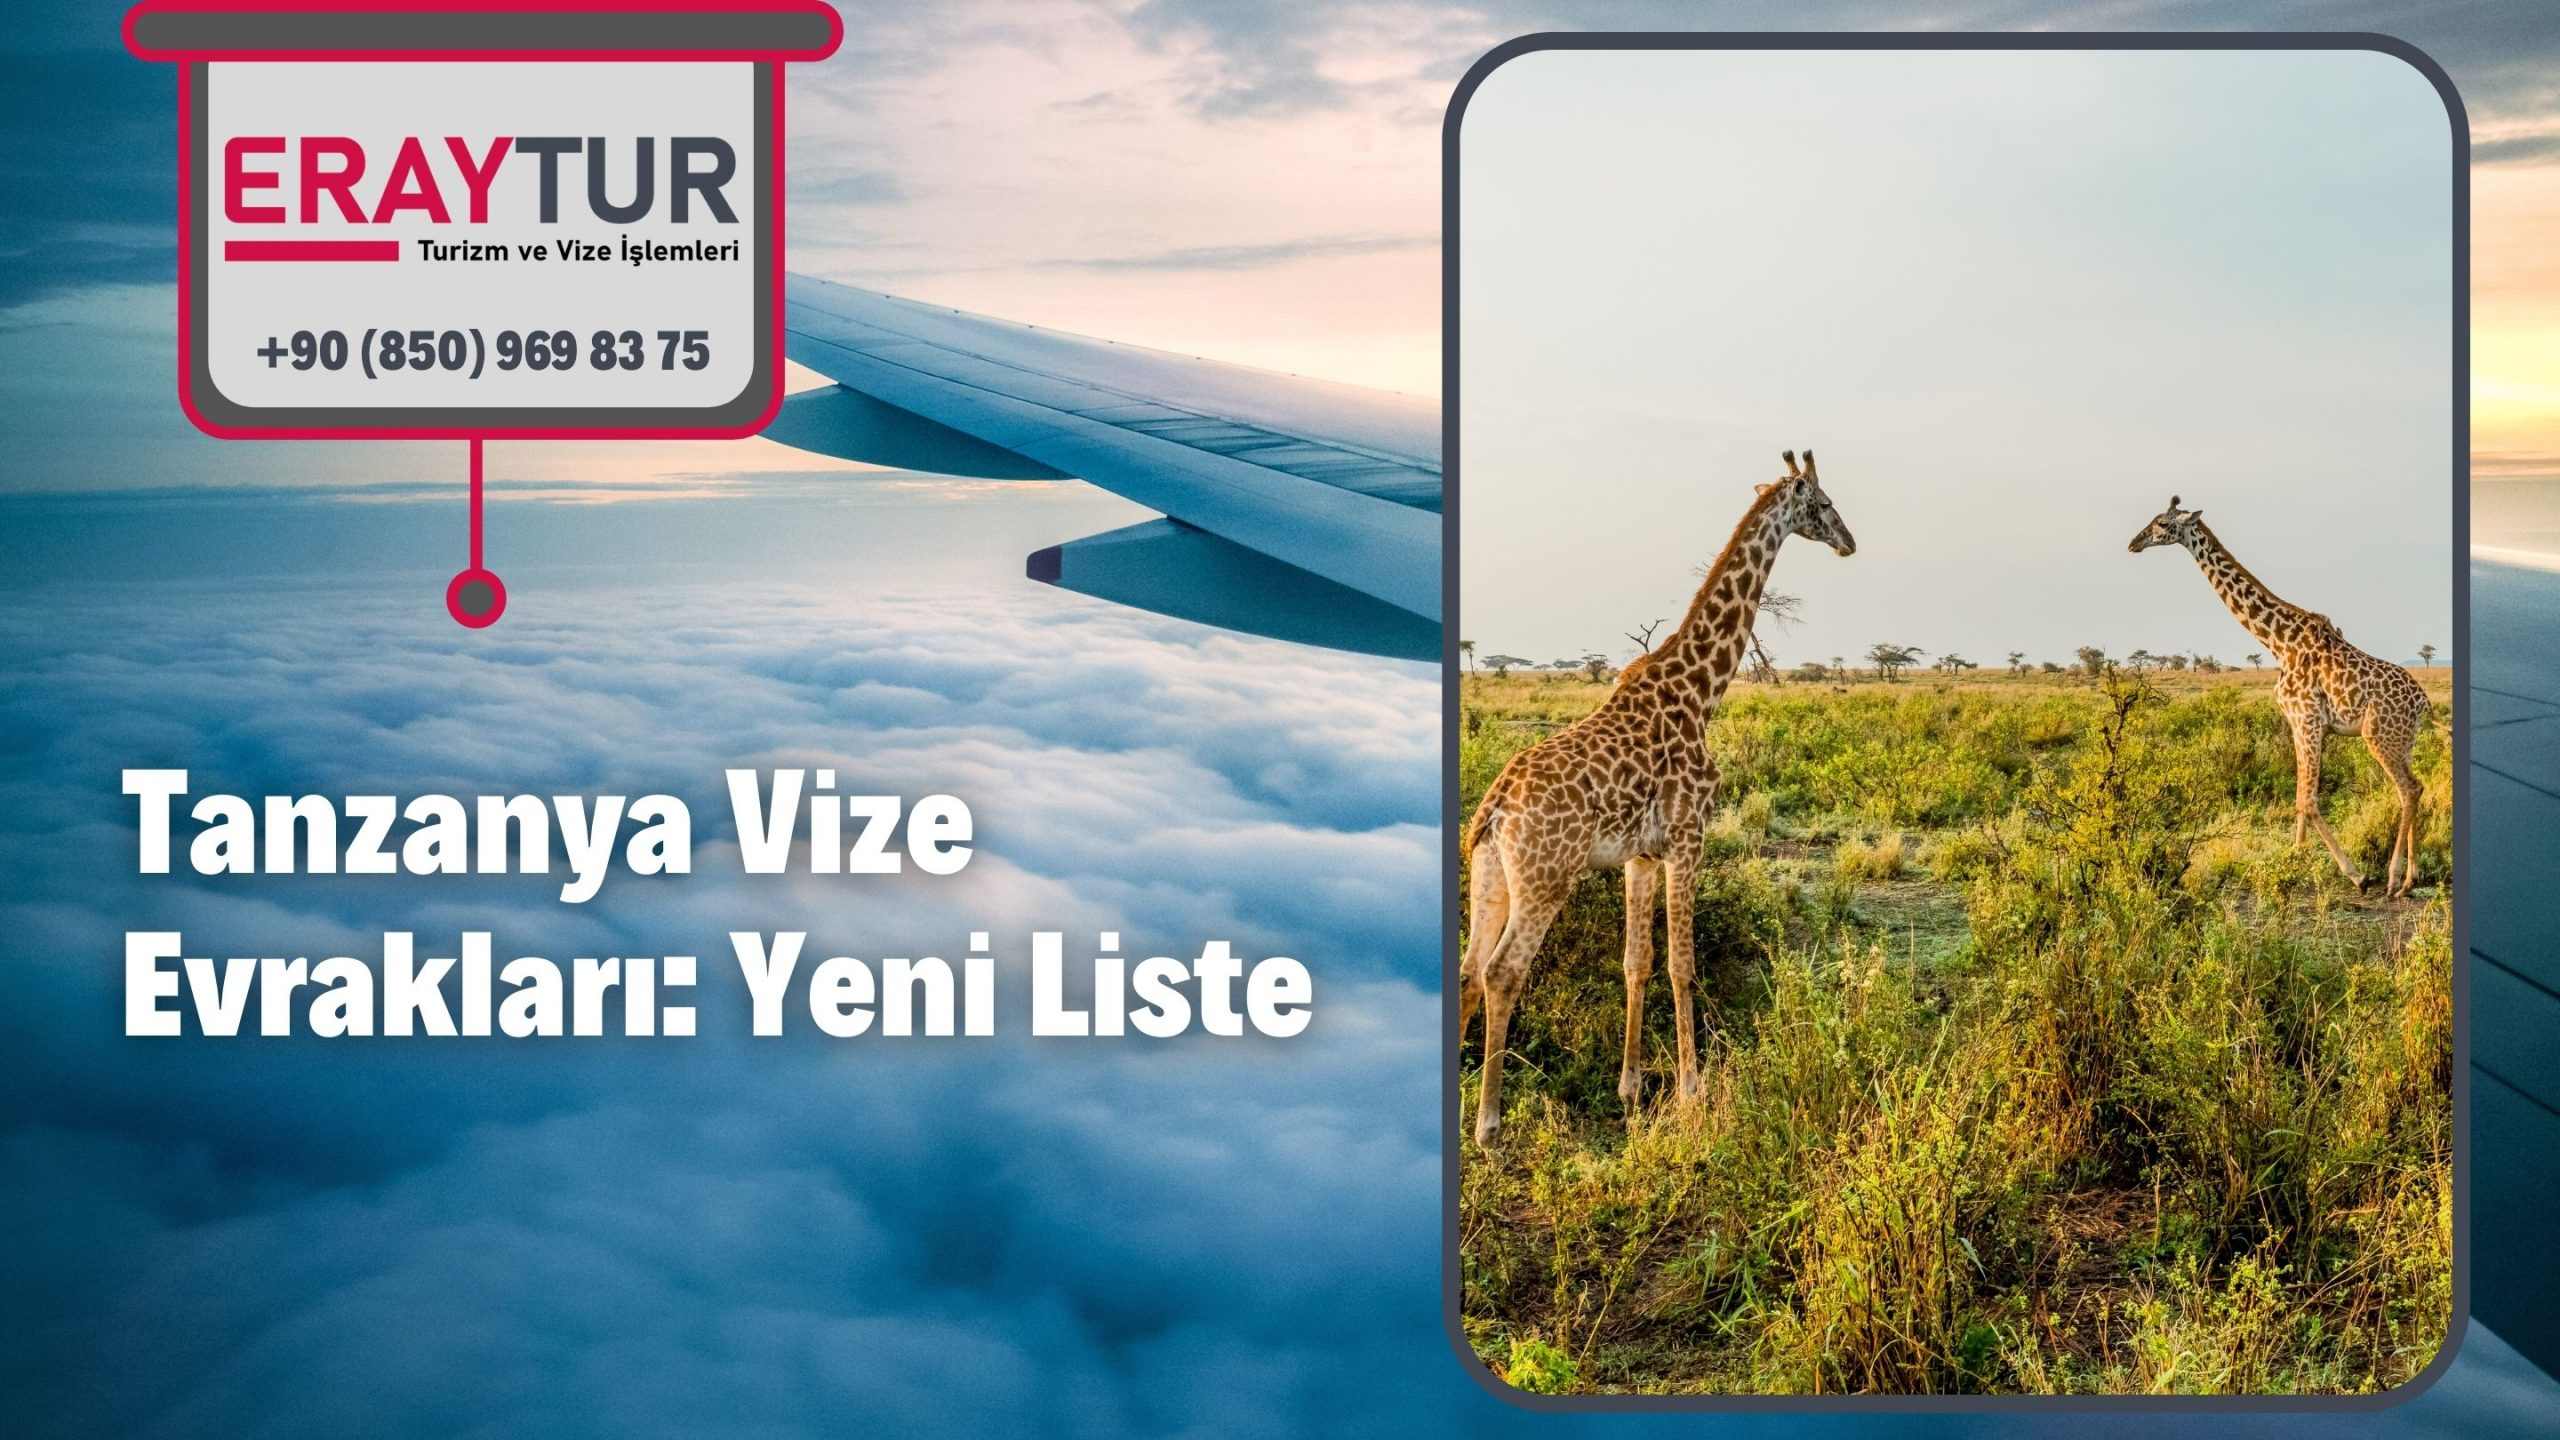 Tanzanya Vize Evrakları: Yeni Liste [2021]